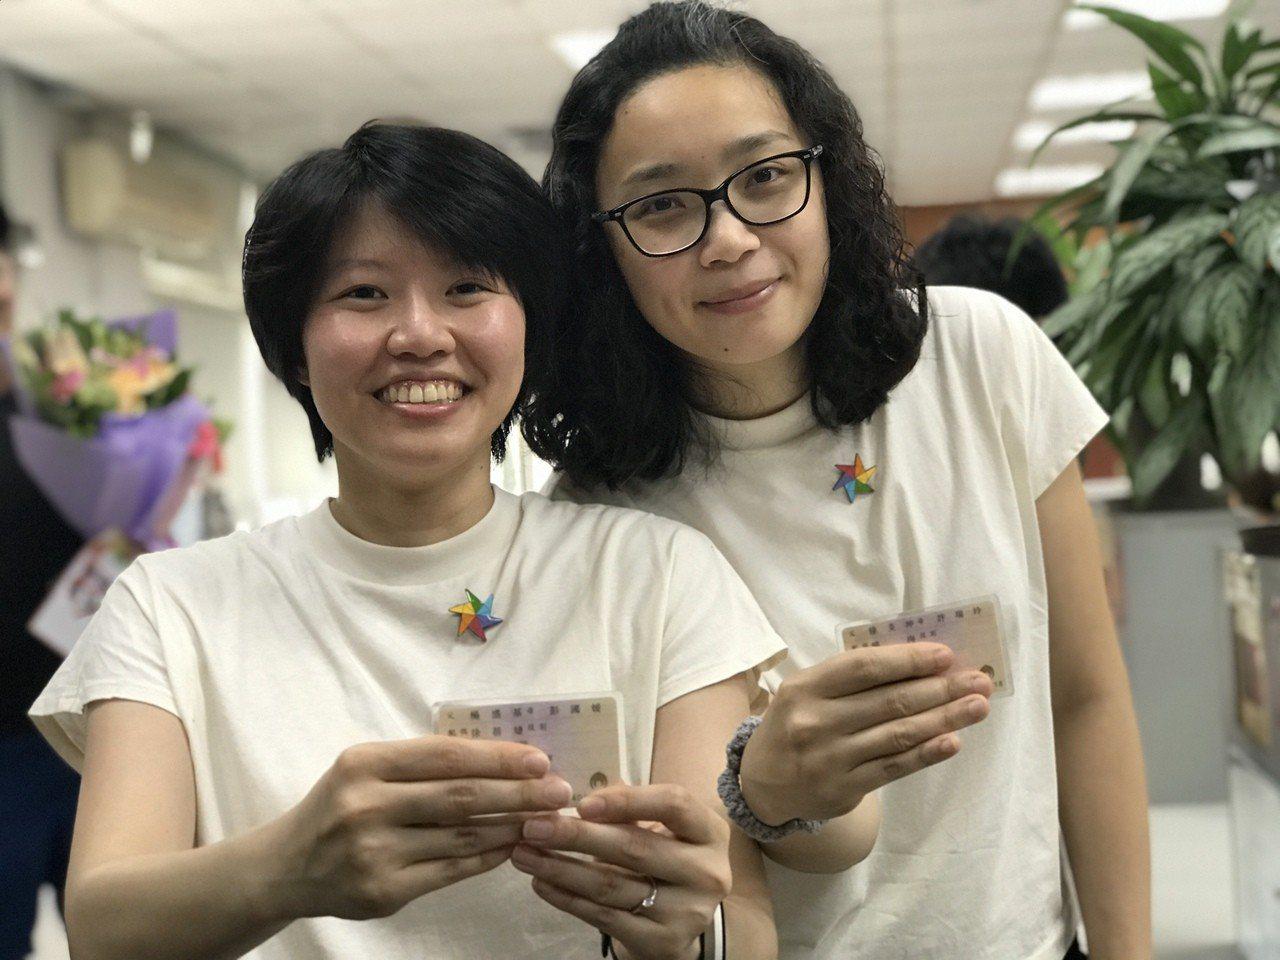 苗栗縣女同志伴侶楊珣(左)和徐蓓婕,成為苗栗縣第一個登記的同志伴侶,開心分享她們...